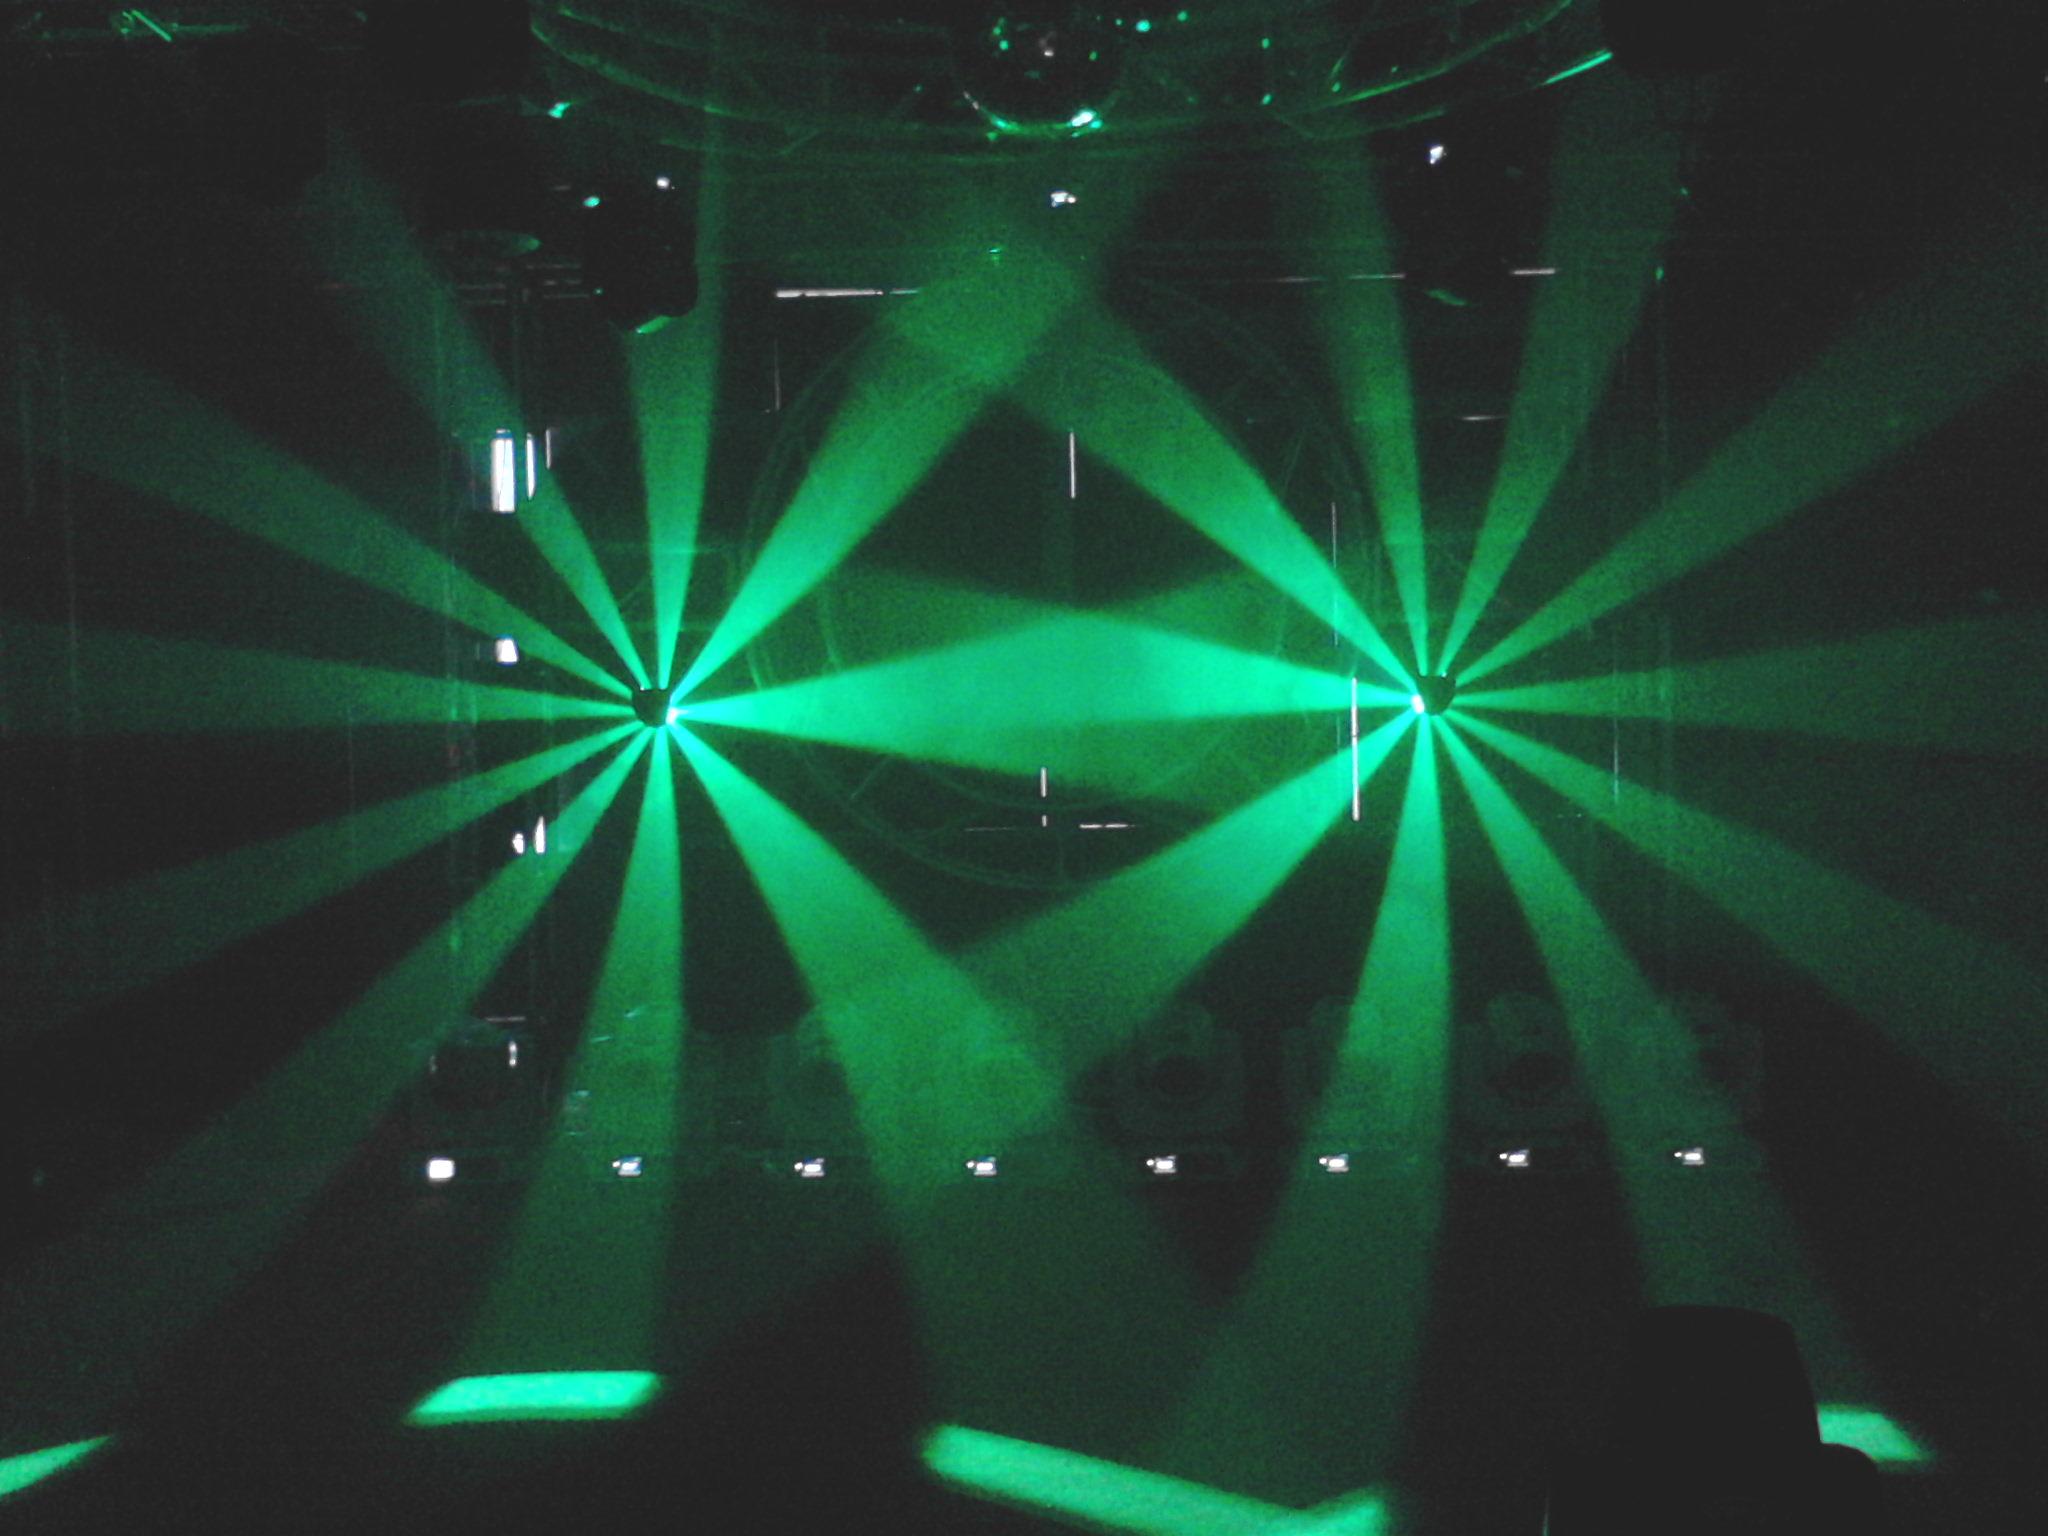 舞台灯光如何着色效果图